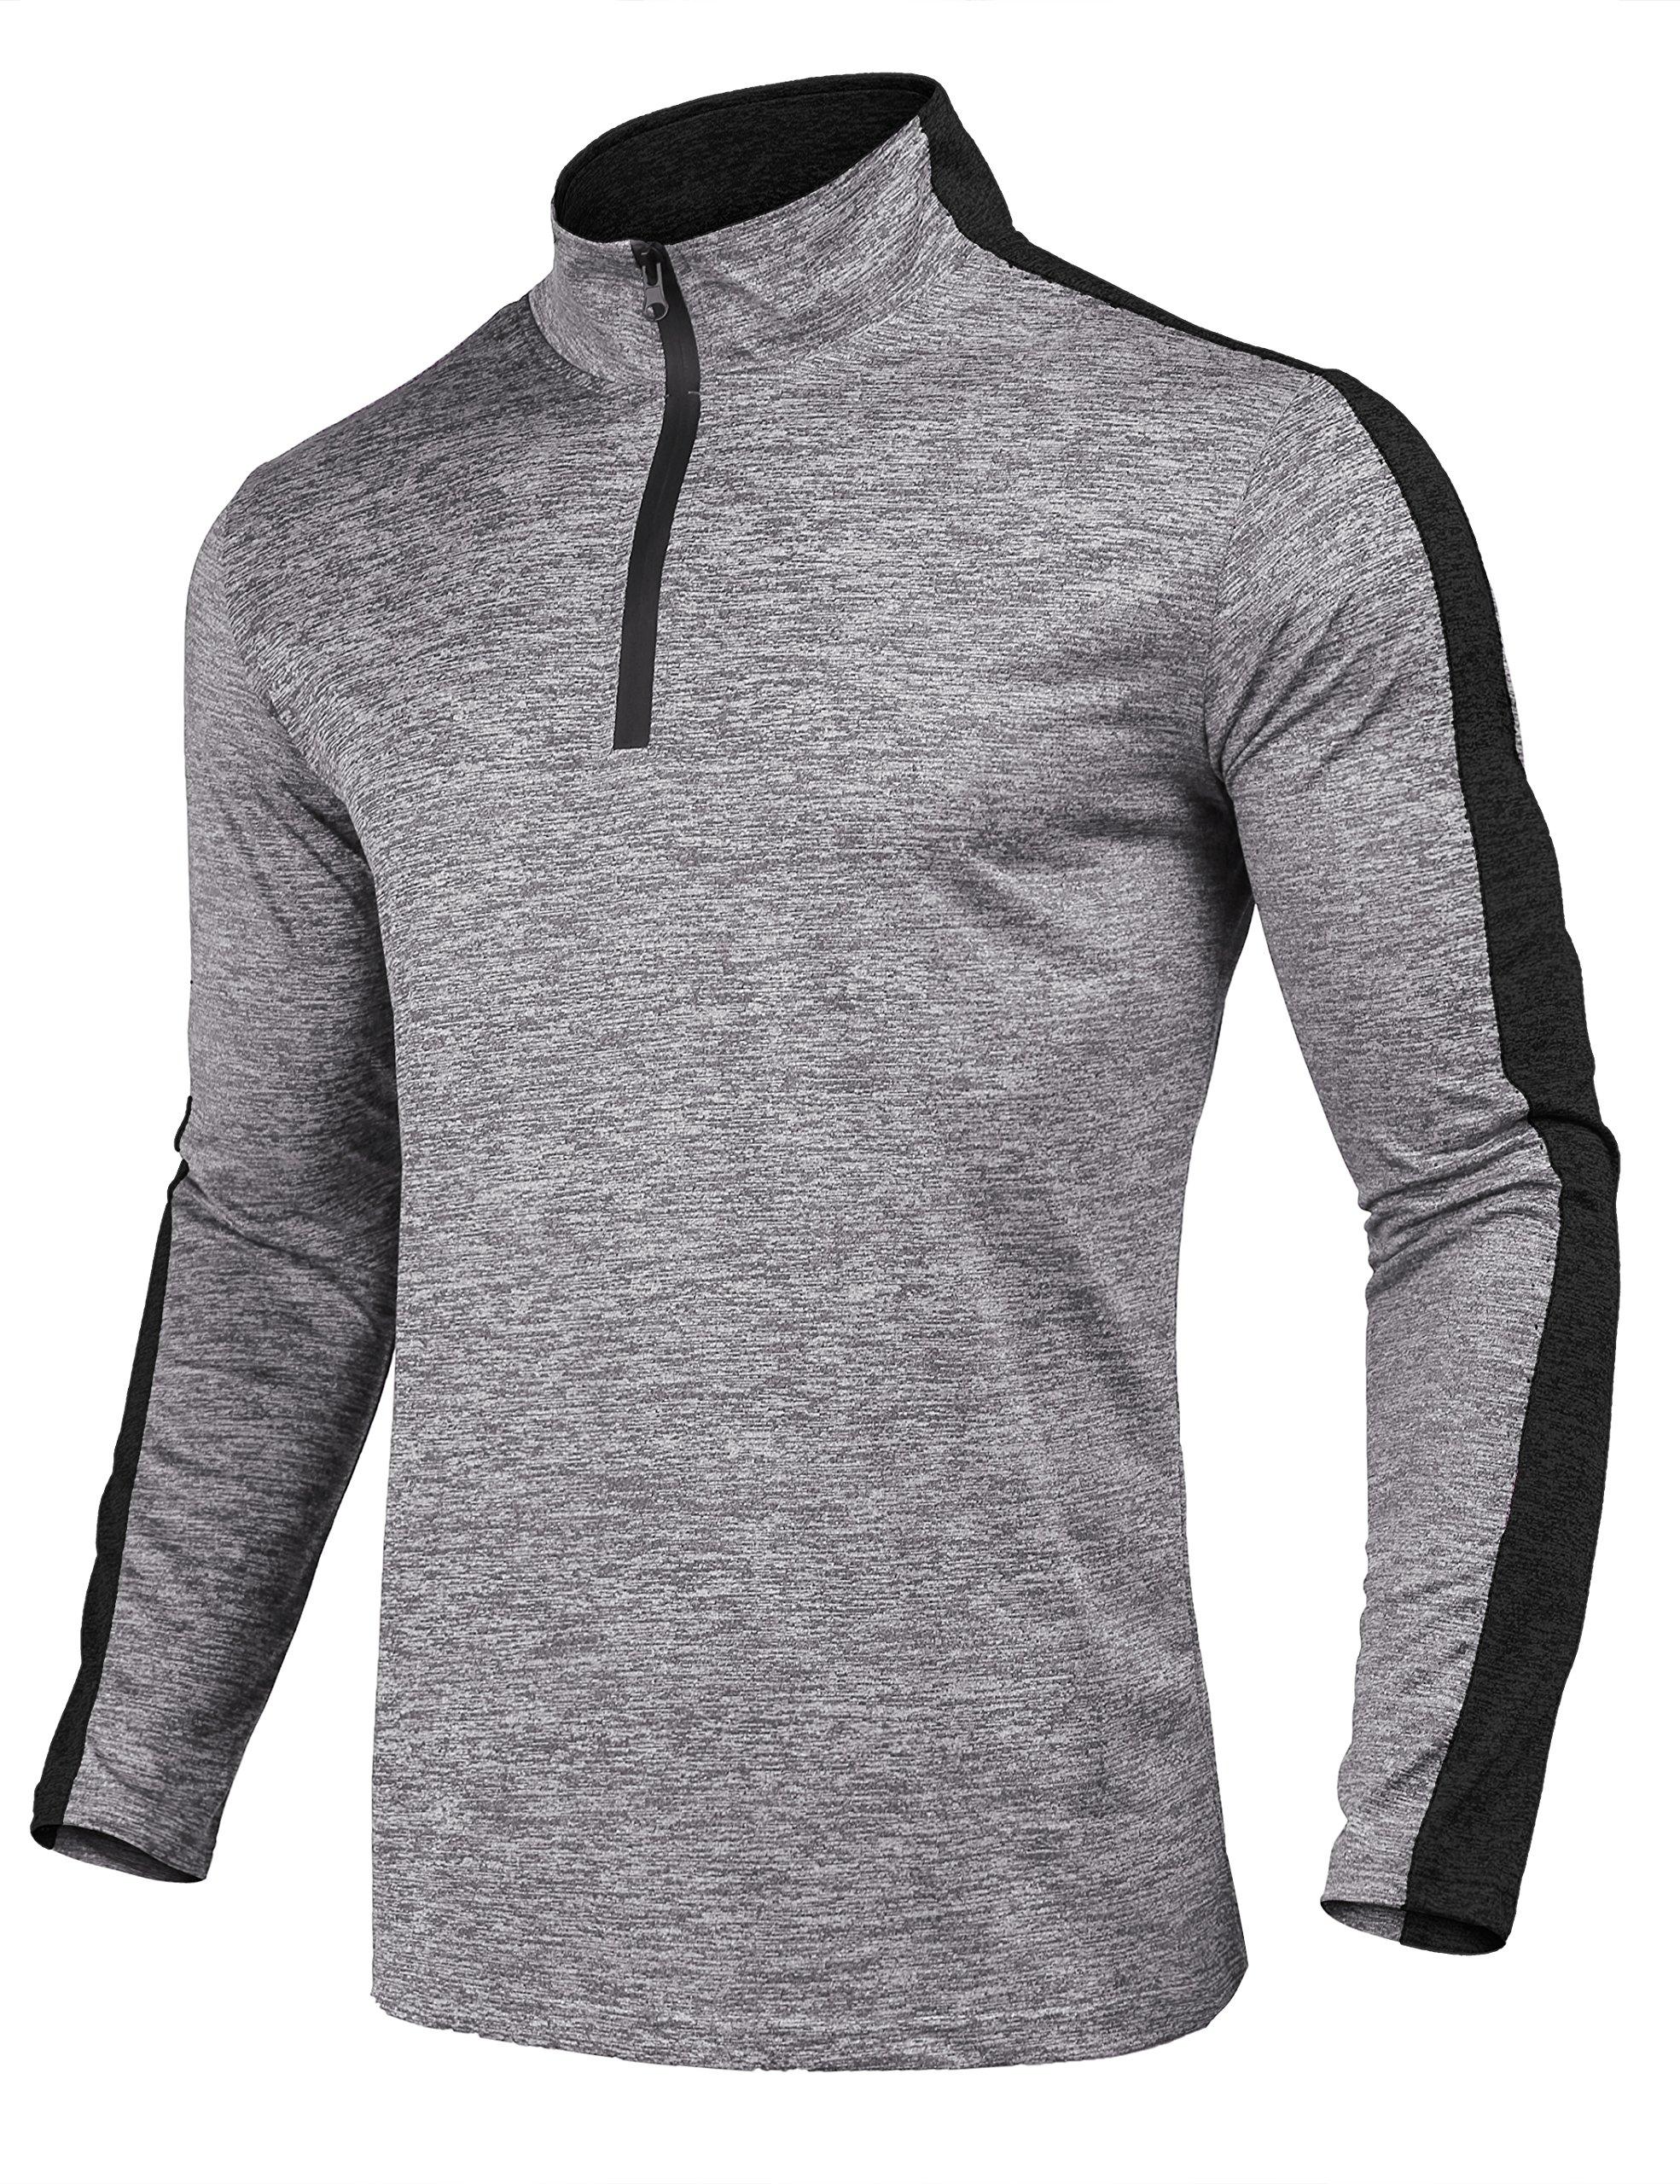 JINIDU Men's Performance Cycling Jersey Bike Biking Shirt Breathable Quick Dry T Shirt by JINIDU